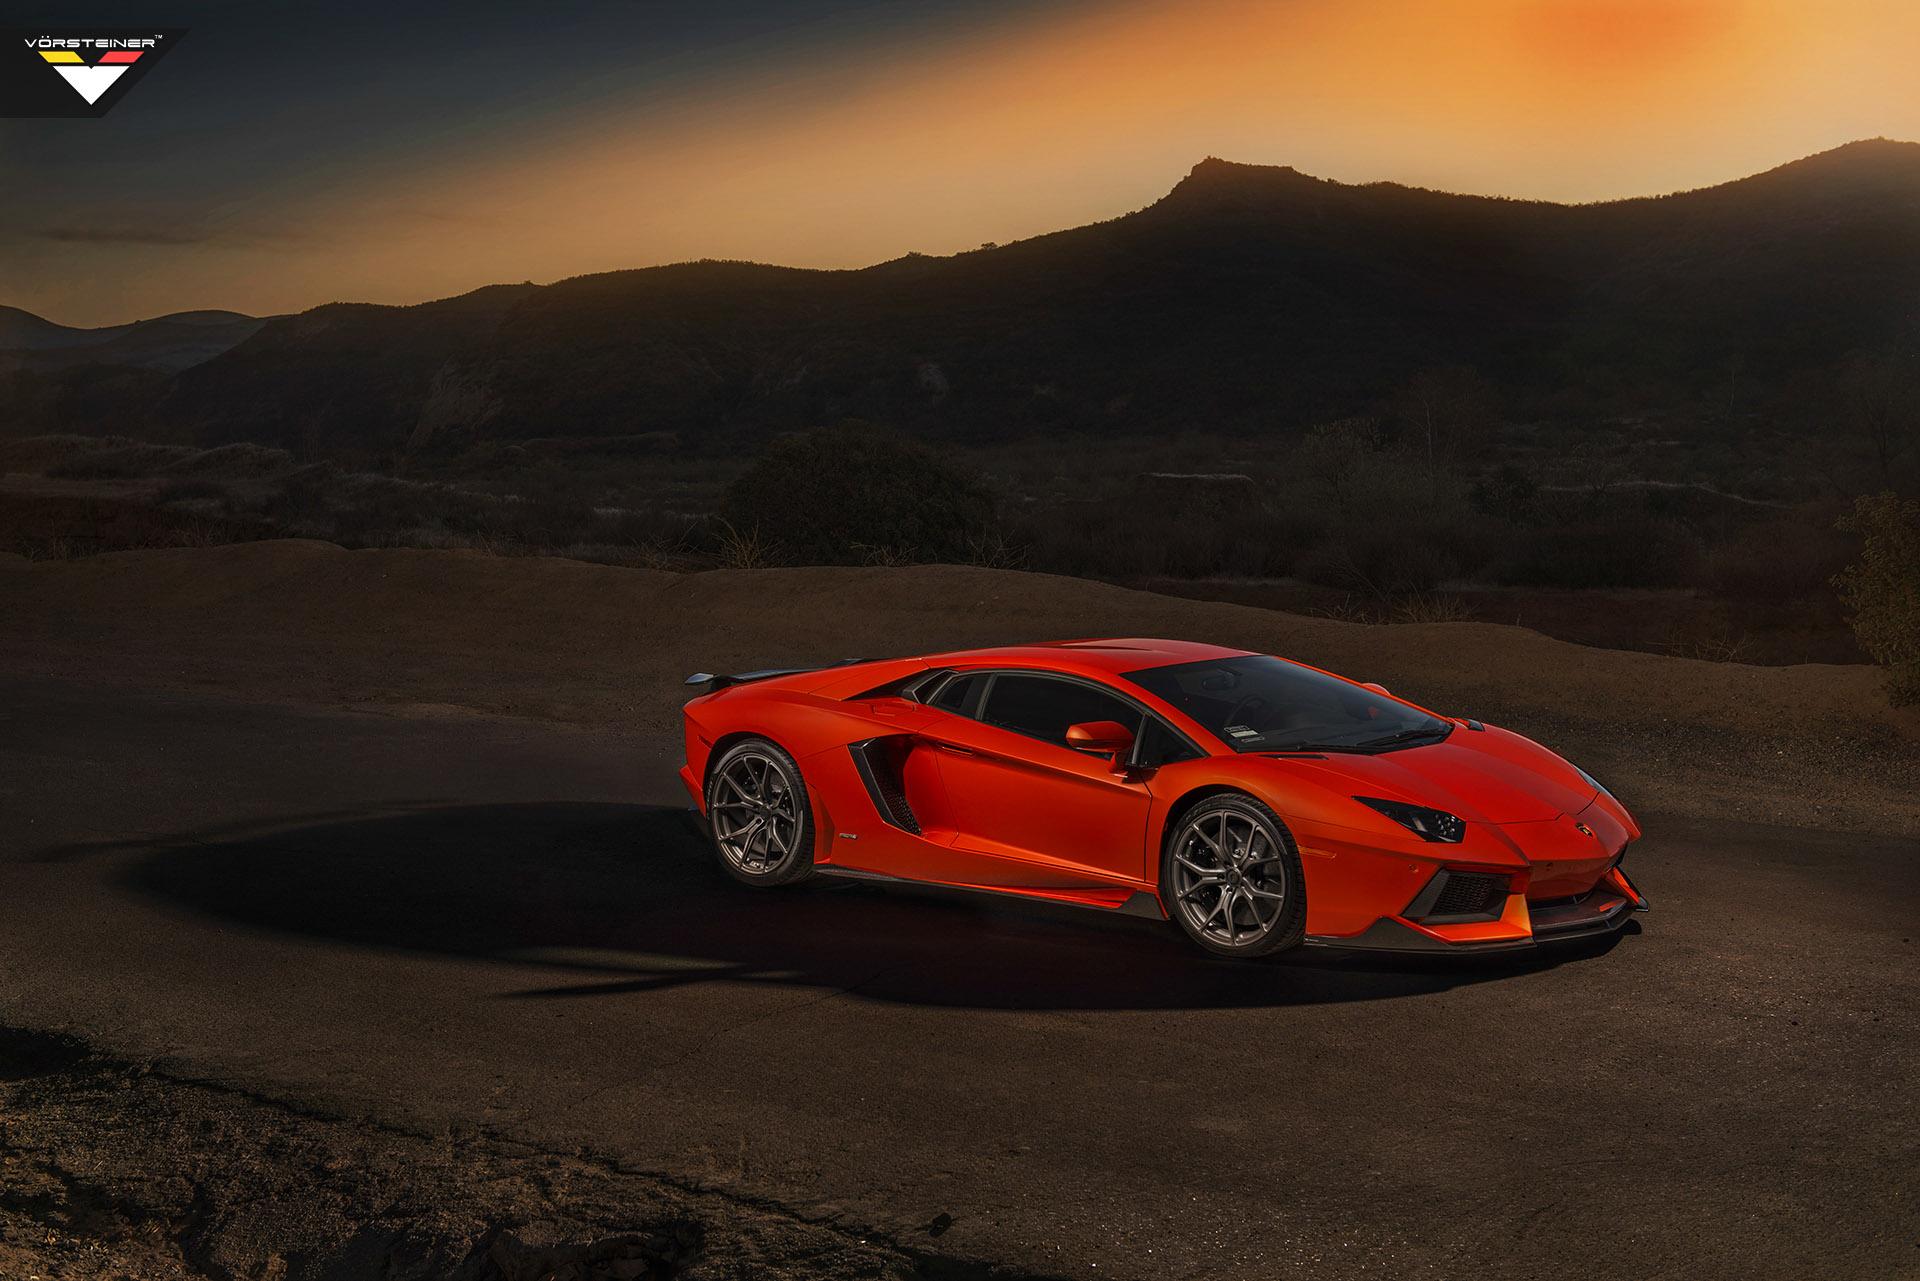 2014 Vorsteiner Lamborghini Aventador-V LP-740 - Picture 92756